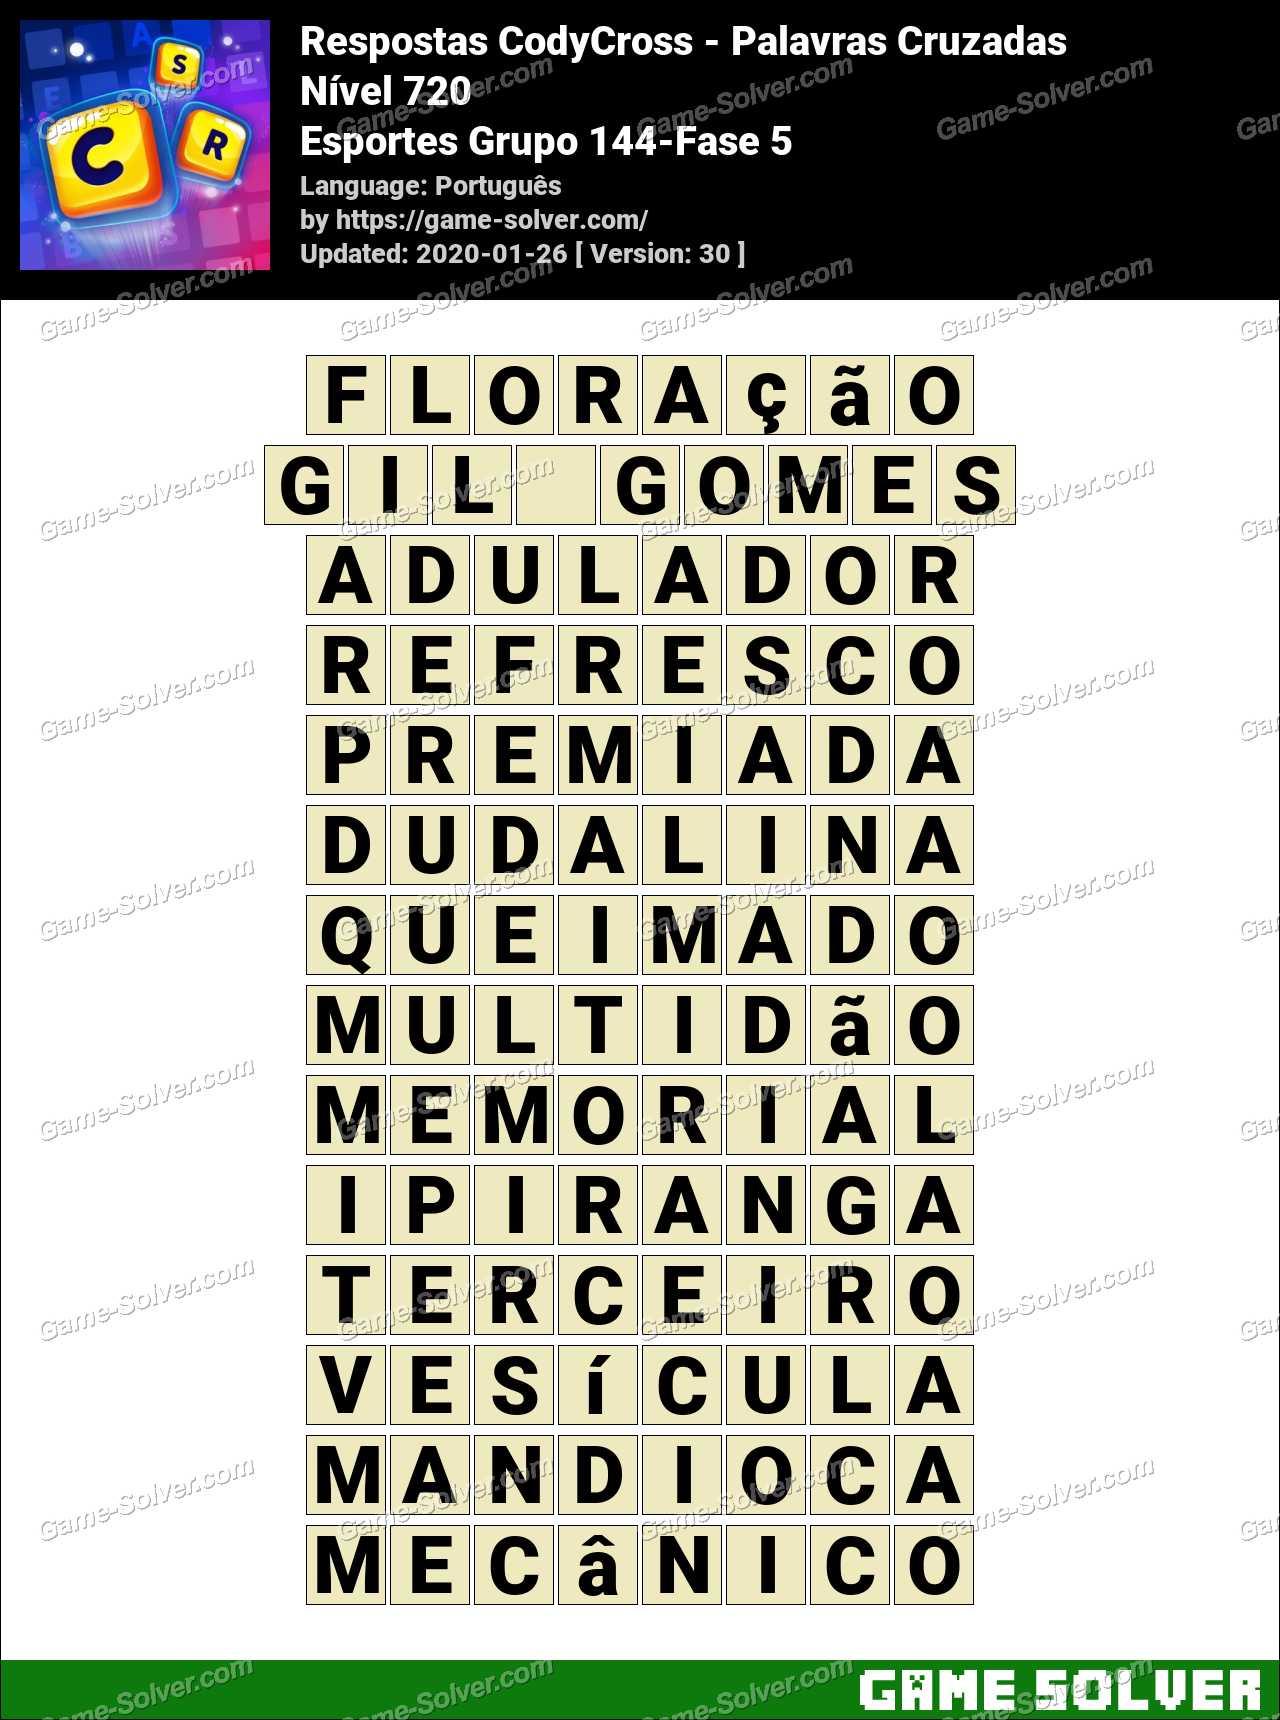 Respostas CodyCross Esportes Grupo 144-Fase 5